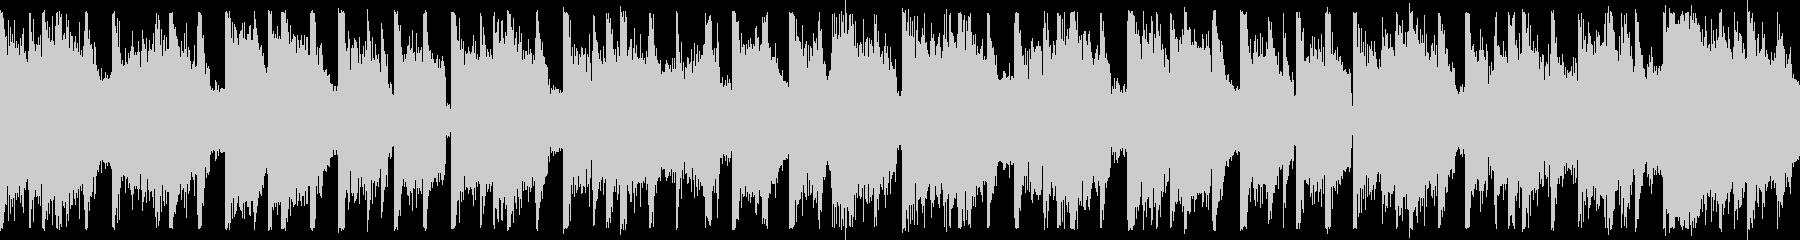 ダンスエクササイズBPM130:ショートの未再生の波形